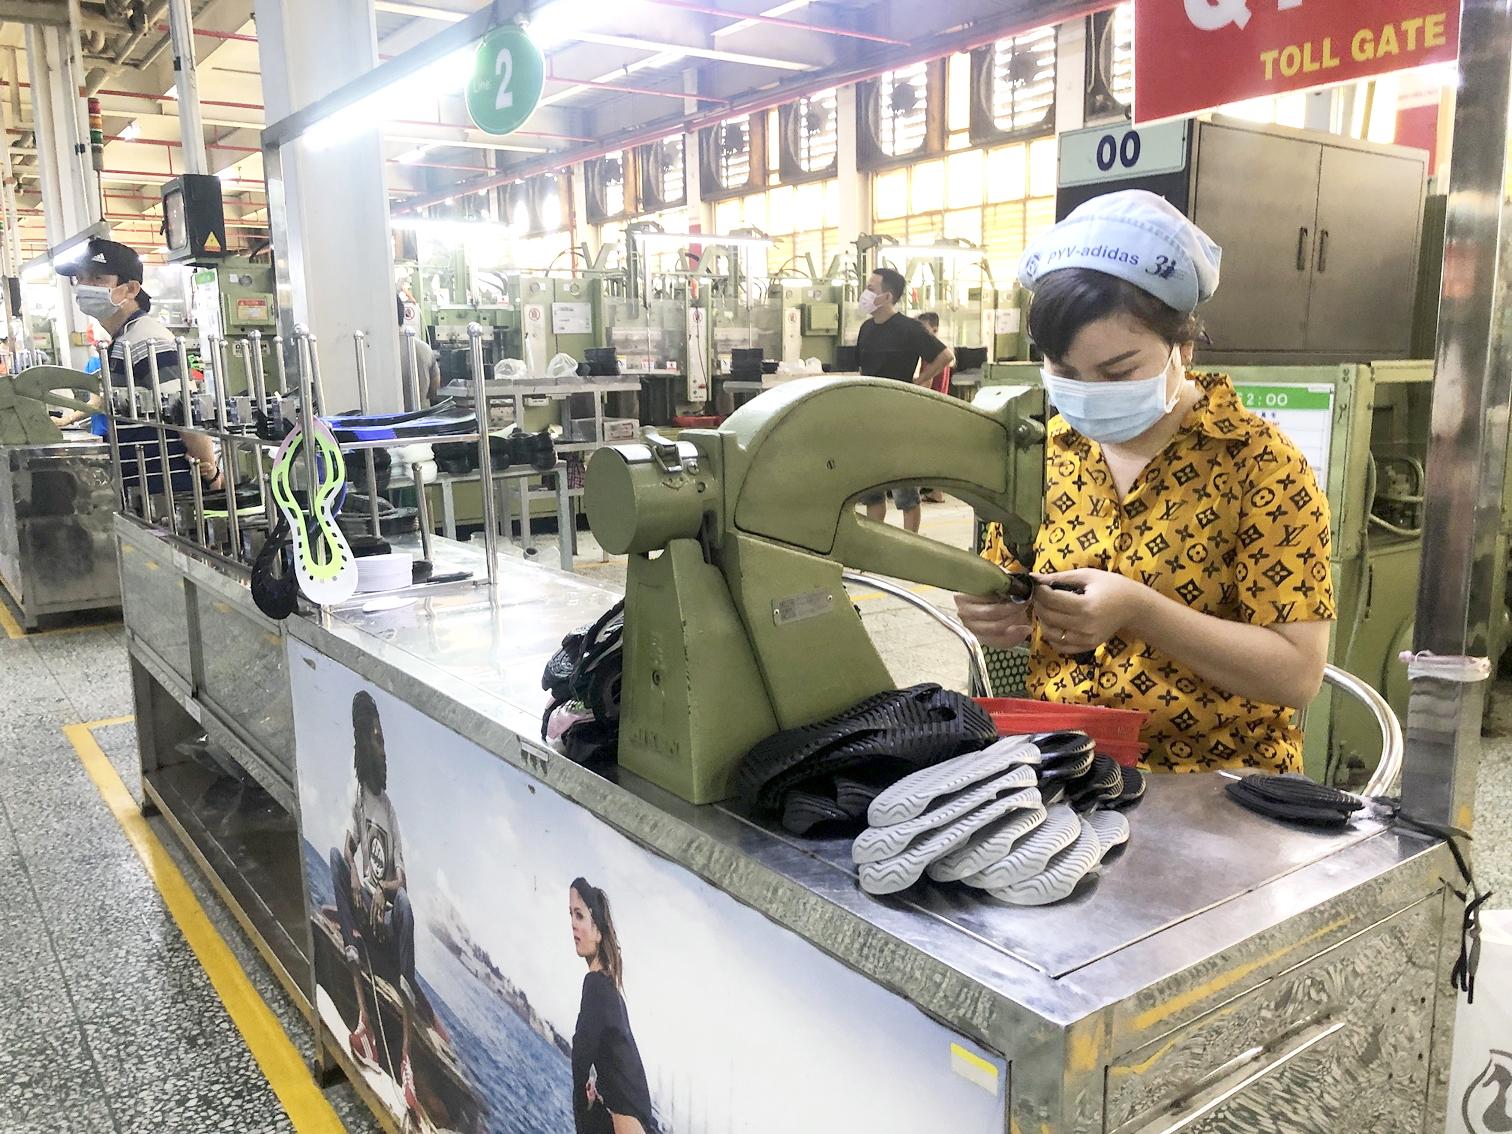 Hoạt động sản xuất của nhiều doanh nghiệp đang bị ảnh hưởng nghiêm trọng bởi dịch bệnh (trong ảnh: công nhân Công ty Pouyuen đang sản xuất lúc công ty chưa tạm ngừng hoạt động) - ẢNH: QUỐC NGỌC